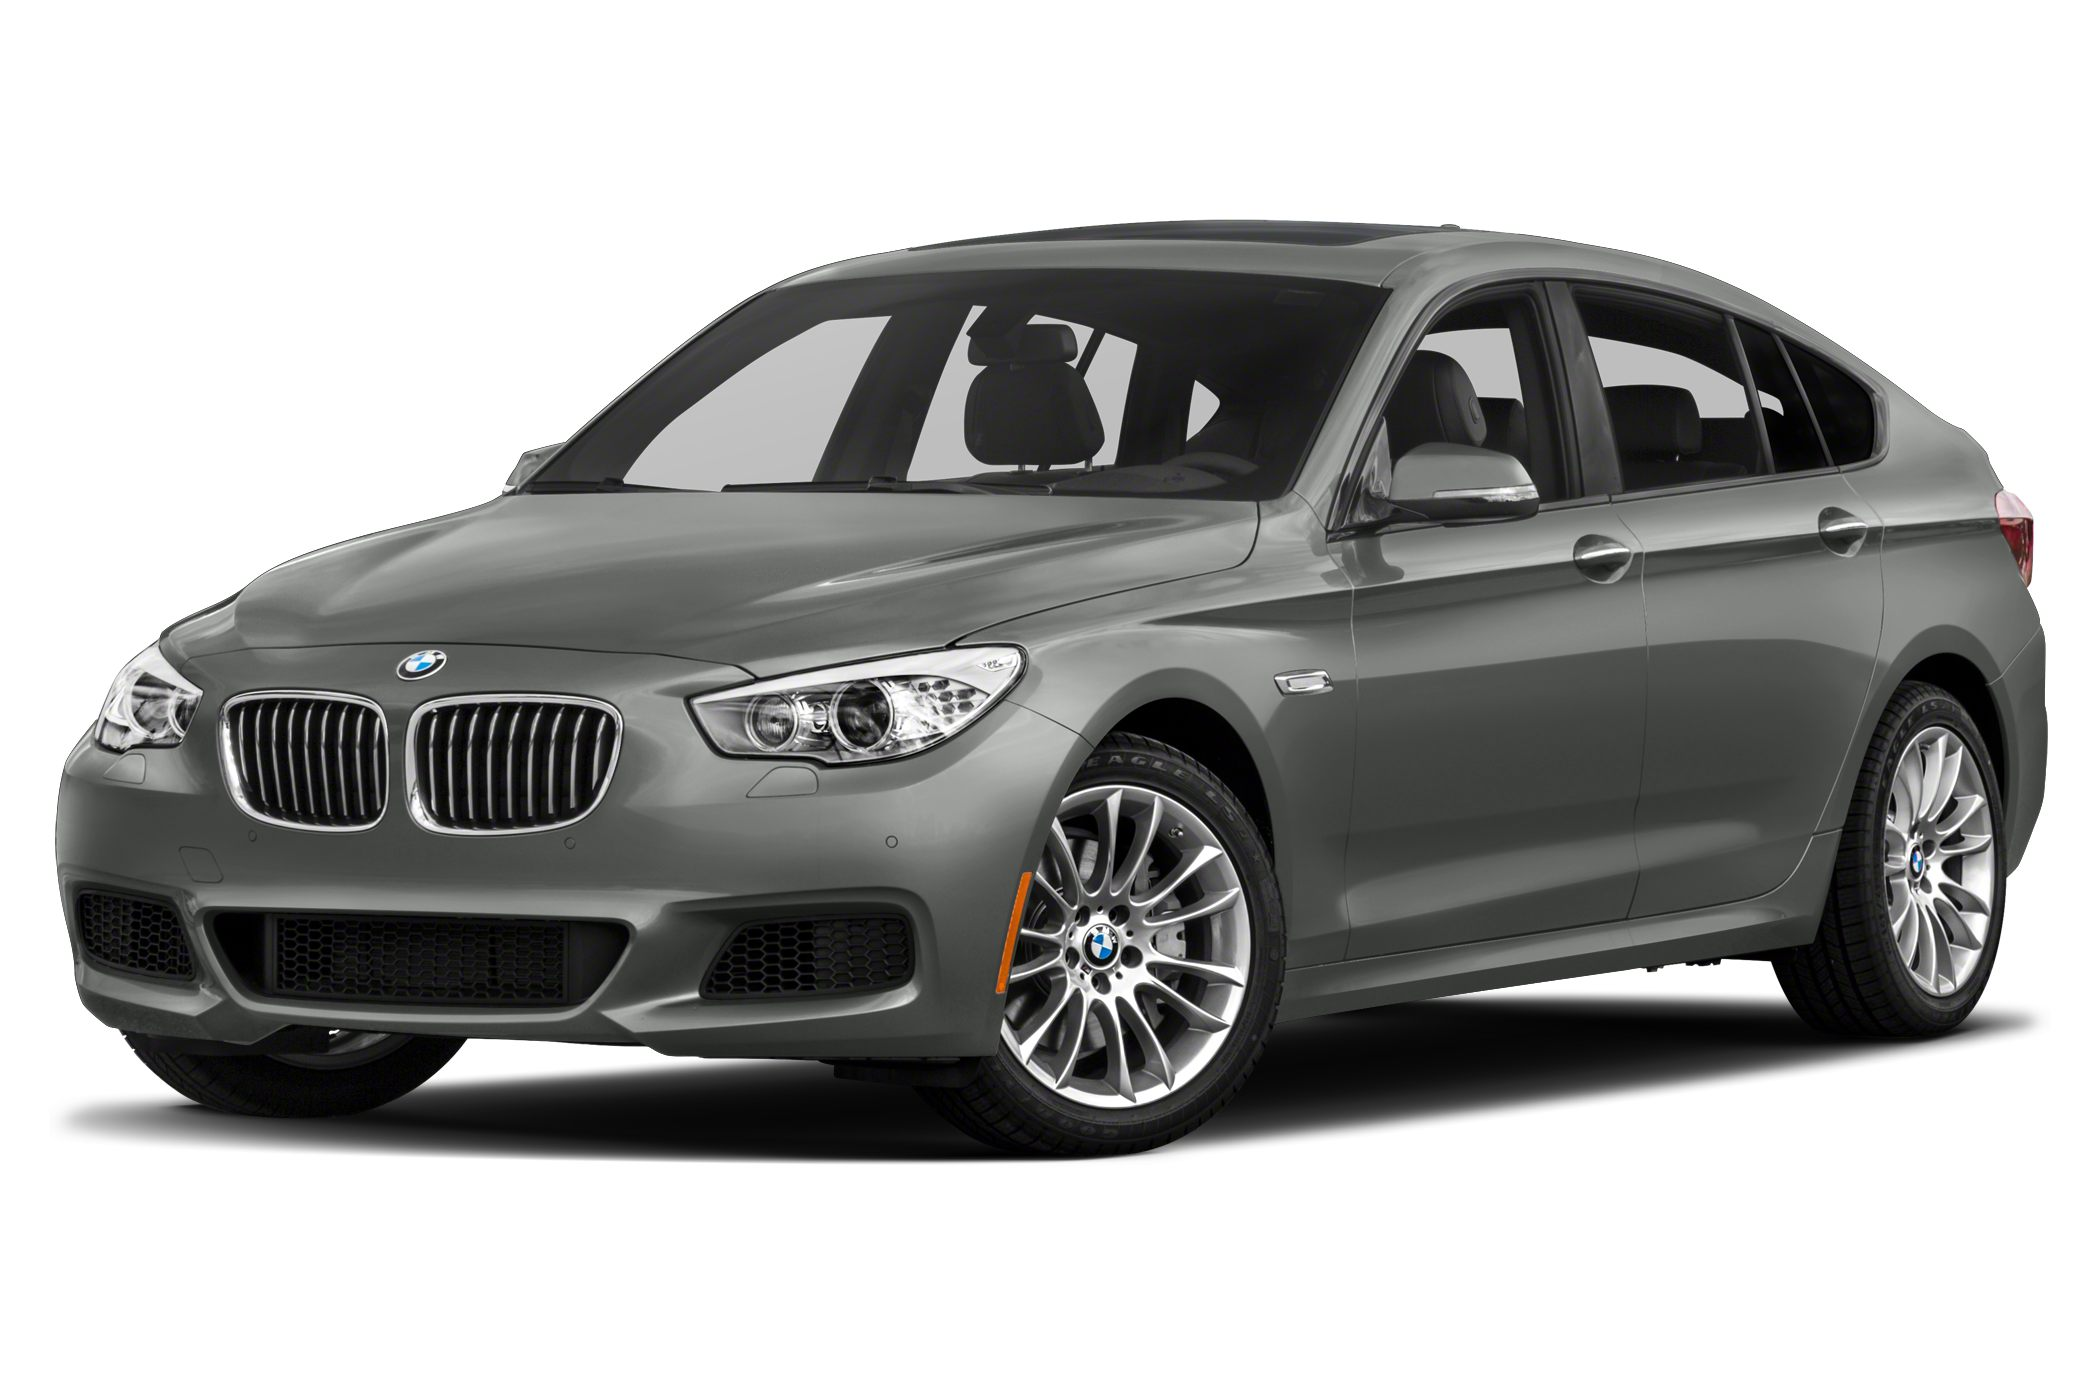 2014 BMW 535 Gran Turismo